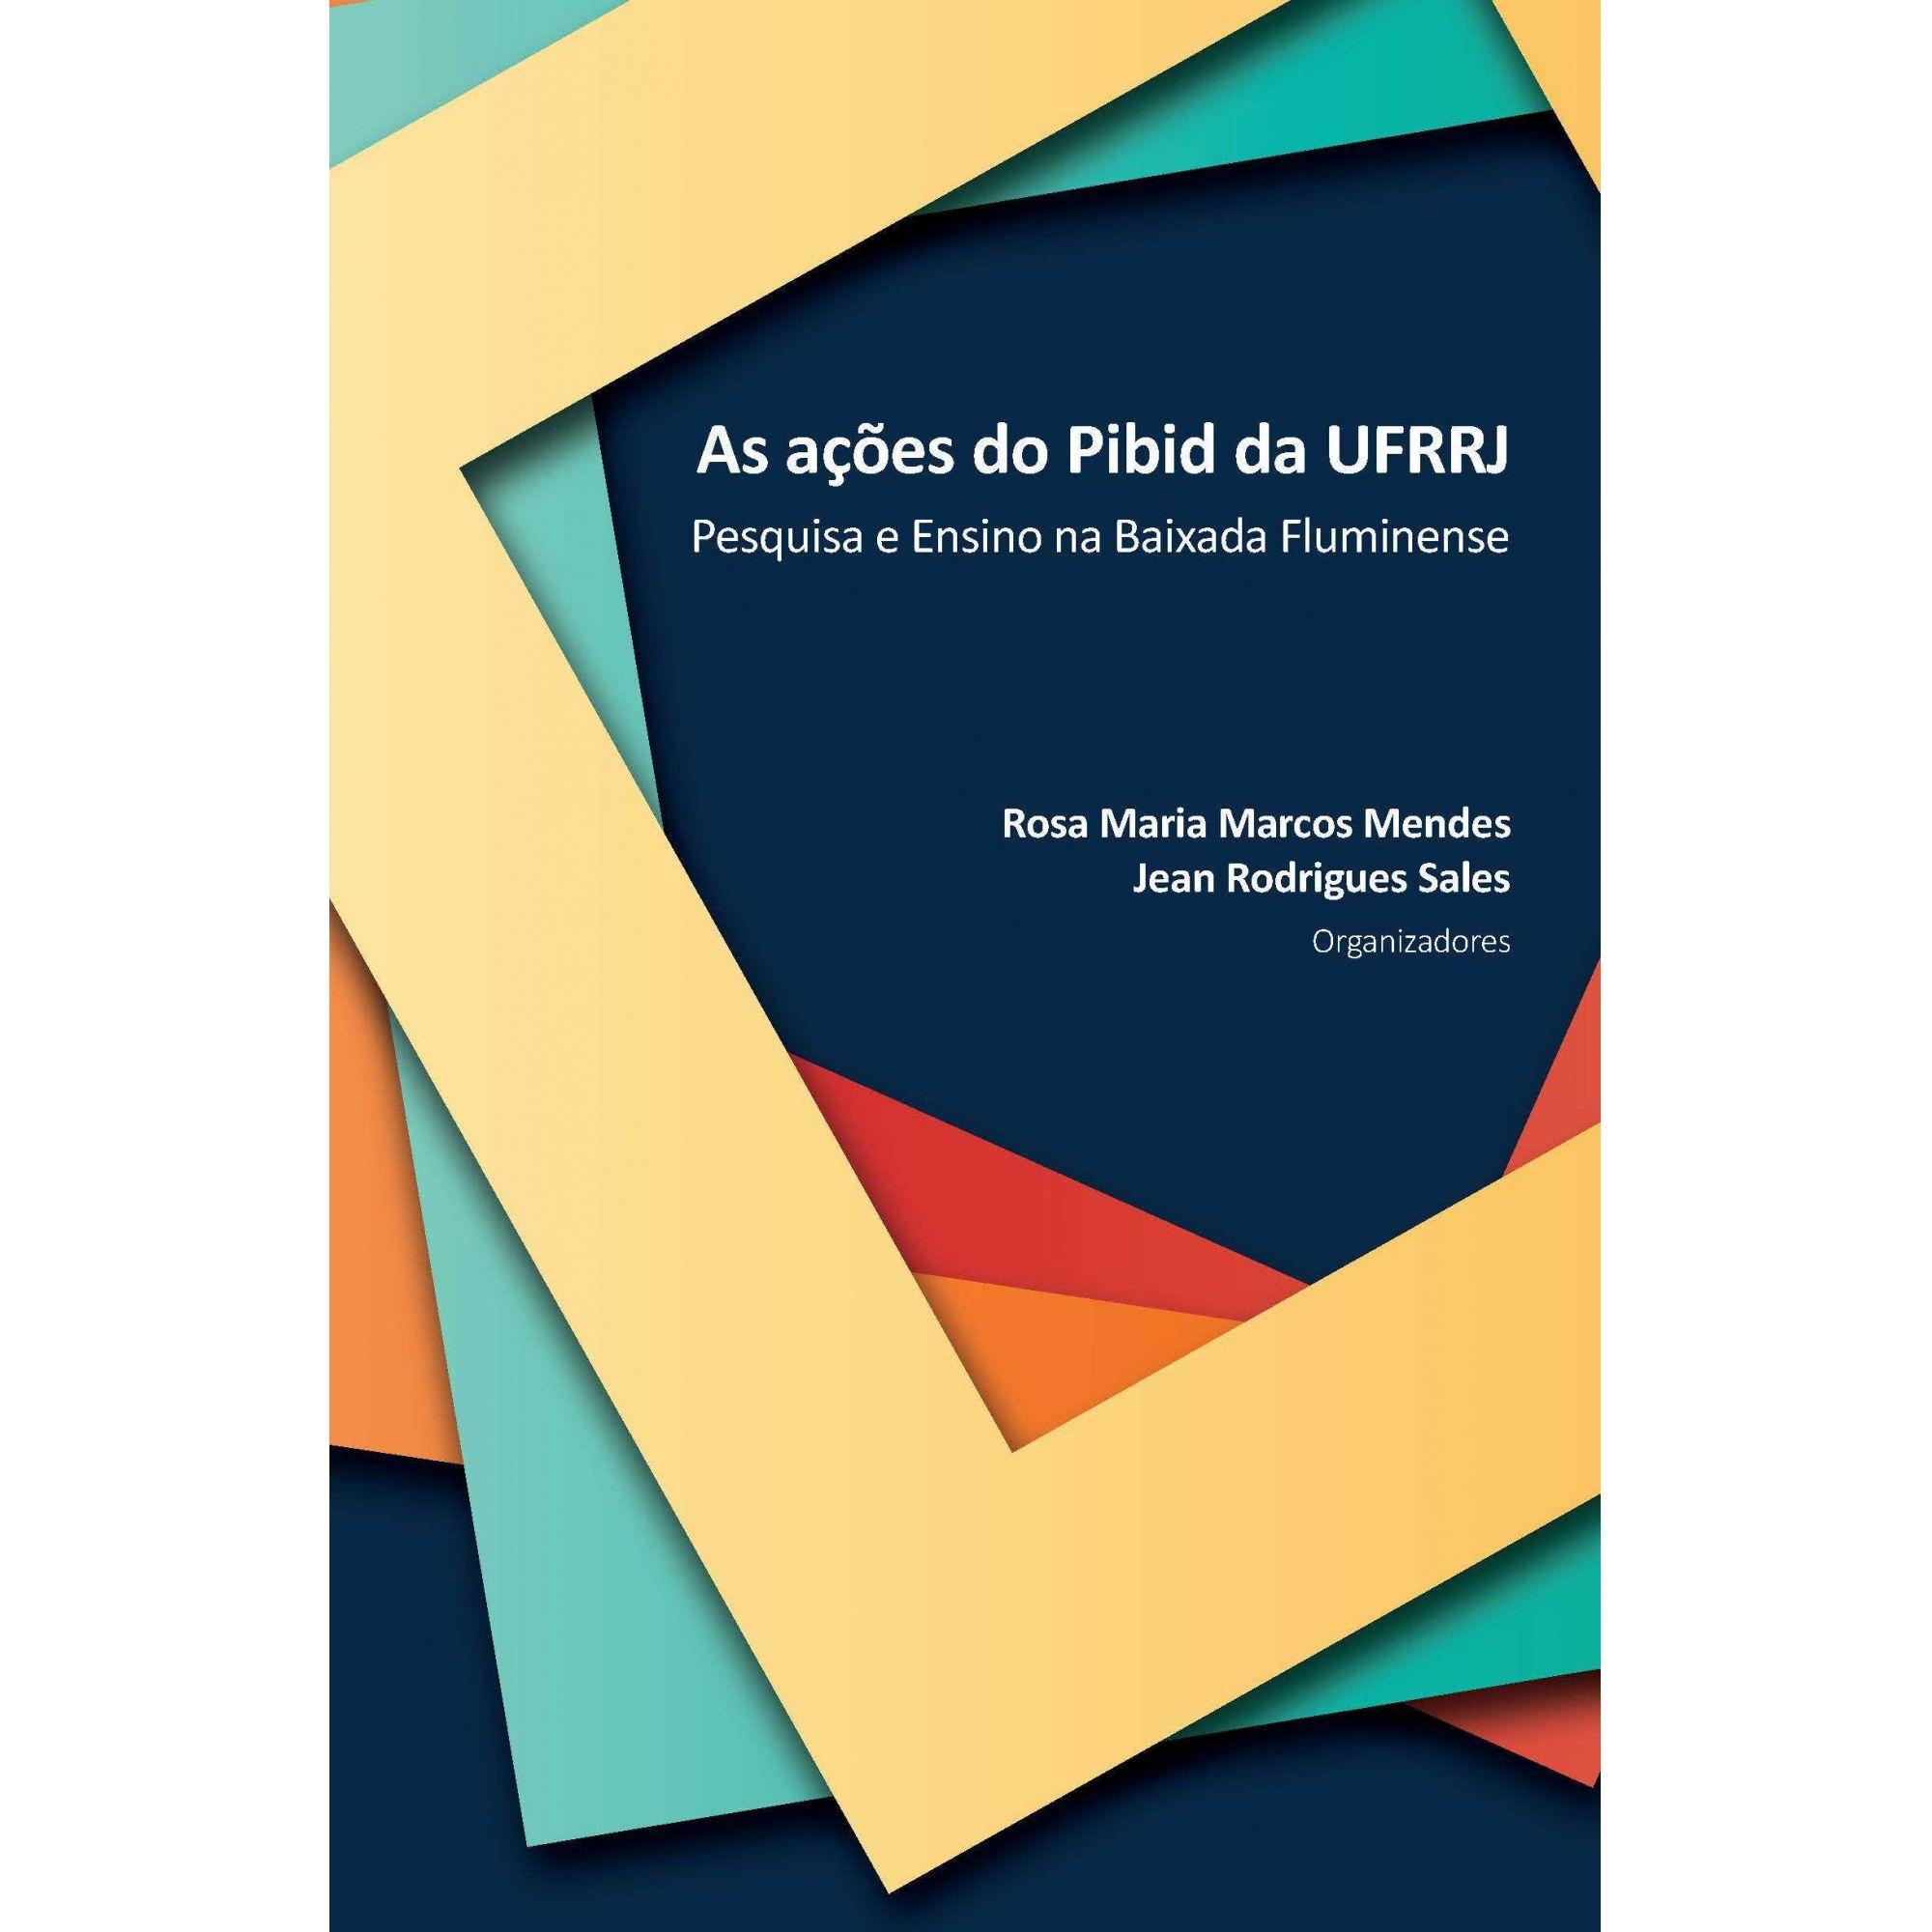 As ações do Pibid da UFRRJ: Pesquisa e Ensino na Baixada Fluminense